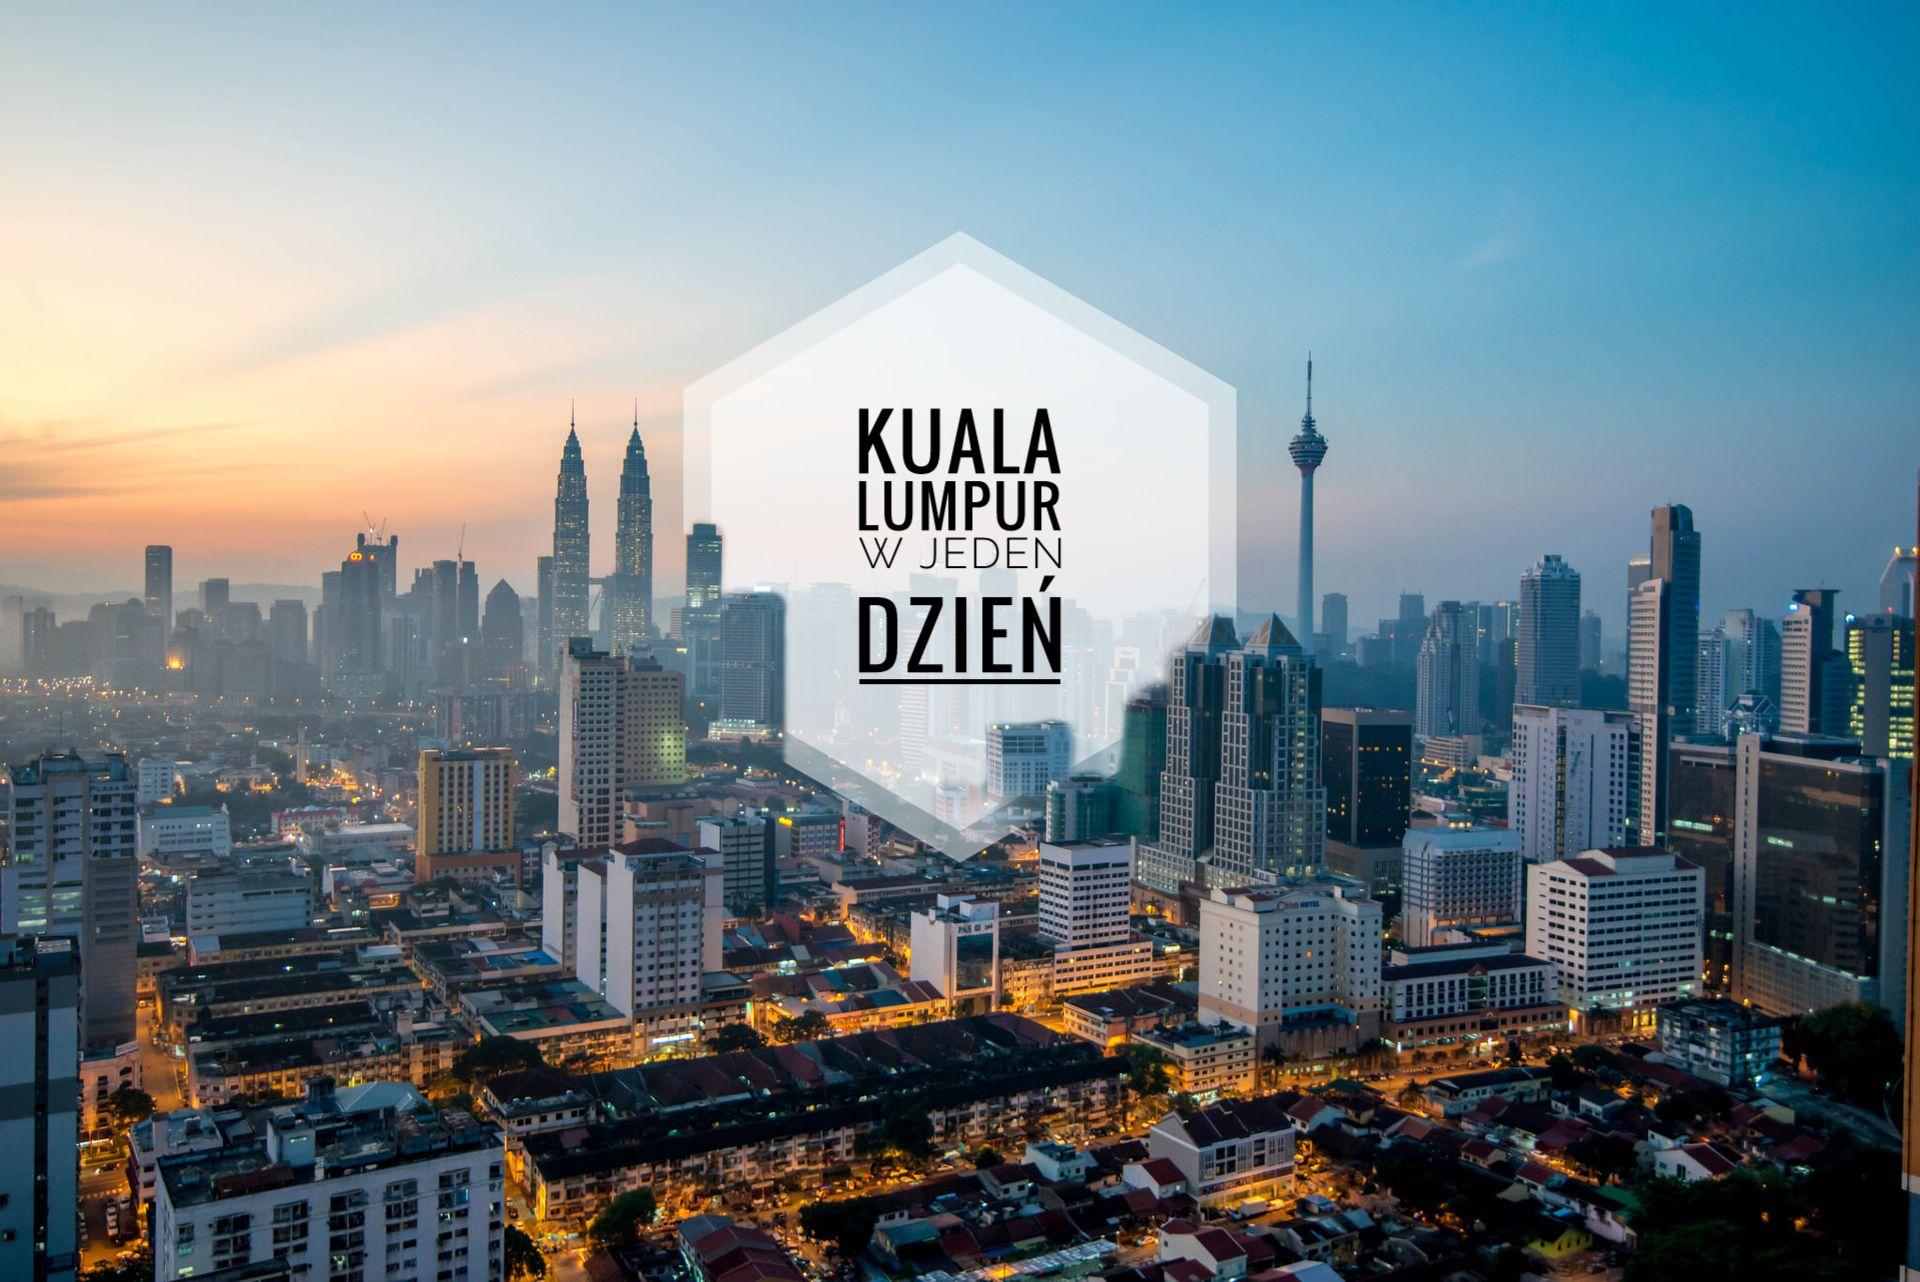 Kuala Lumpur o świcie - Okłada postu o tym jak spędzić jeden dzień w stolicy malezji